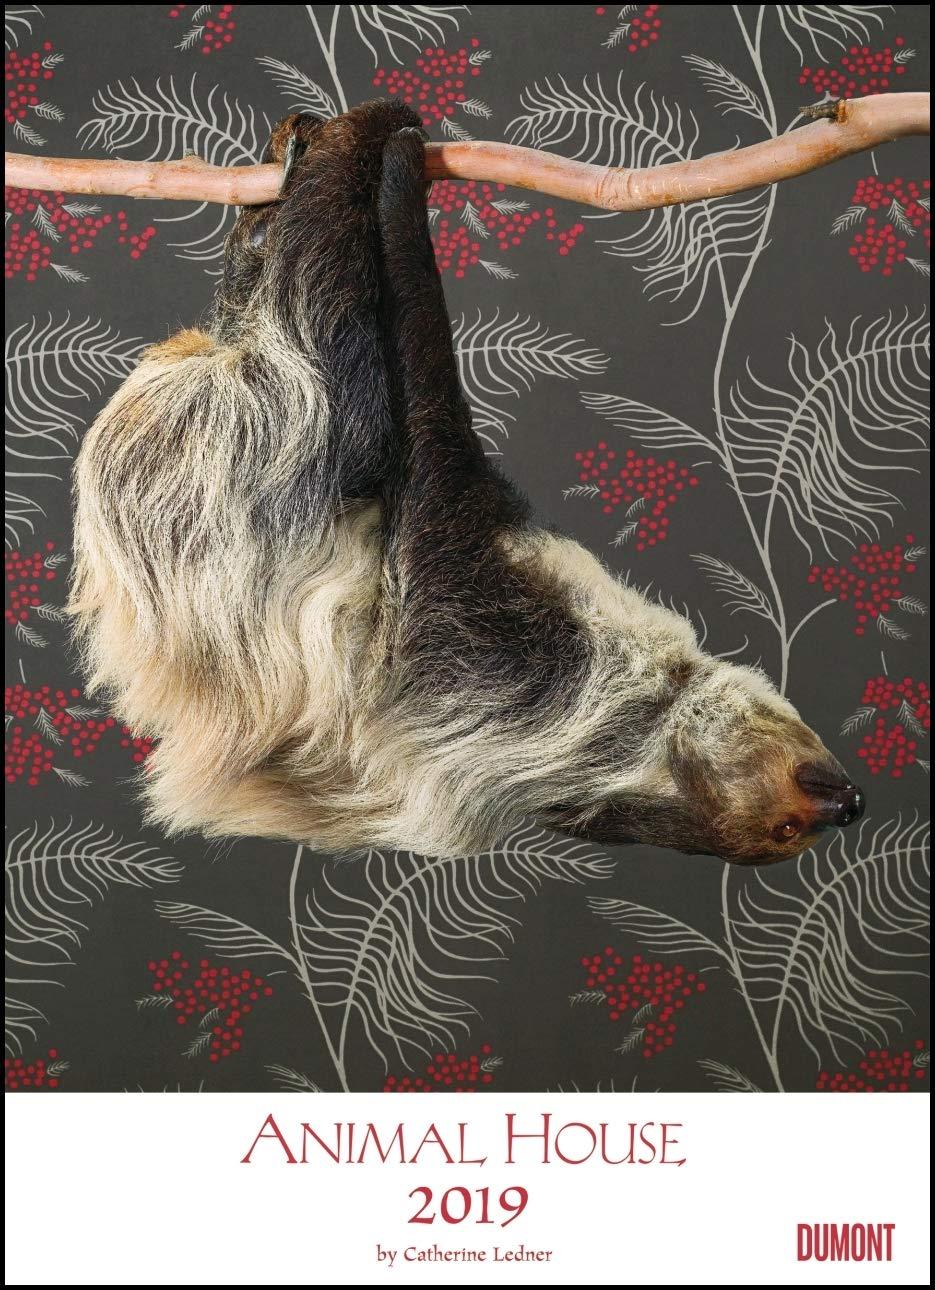 animal-house-kalender-2019-dumont-tier-kalender-foto-kunst-poster-format-49-5-x-68-5-cm